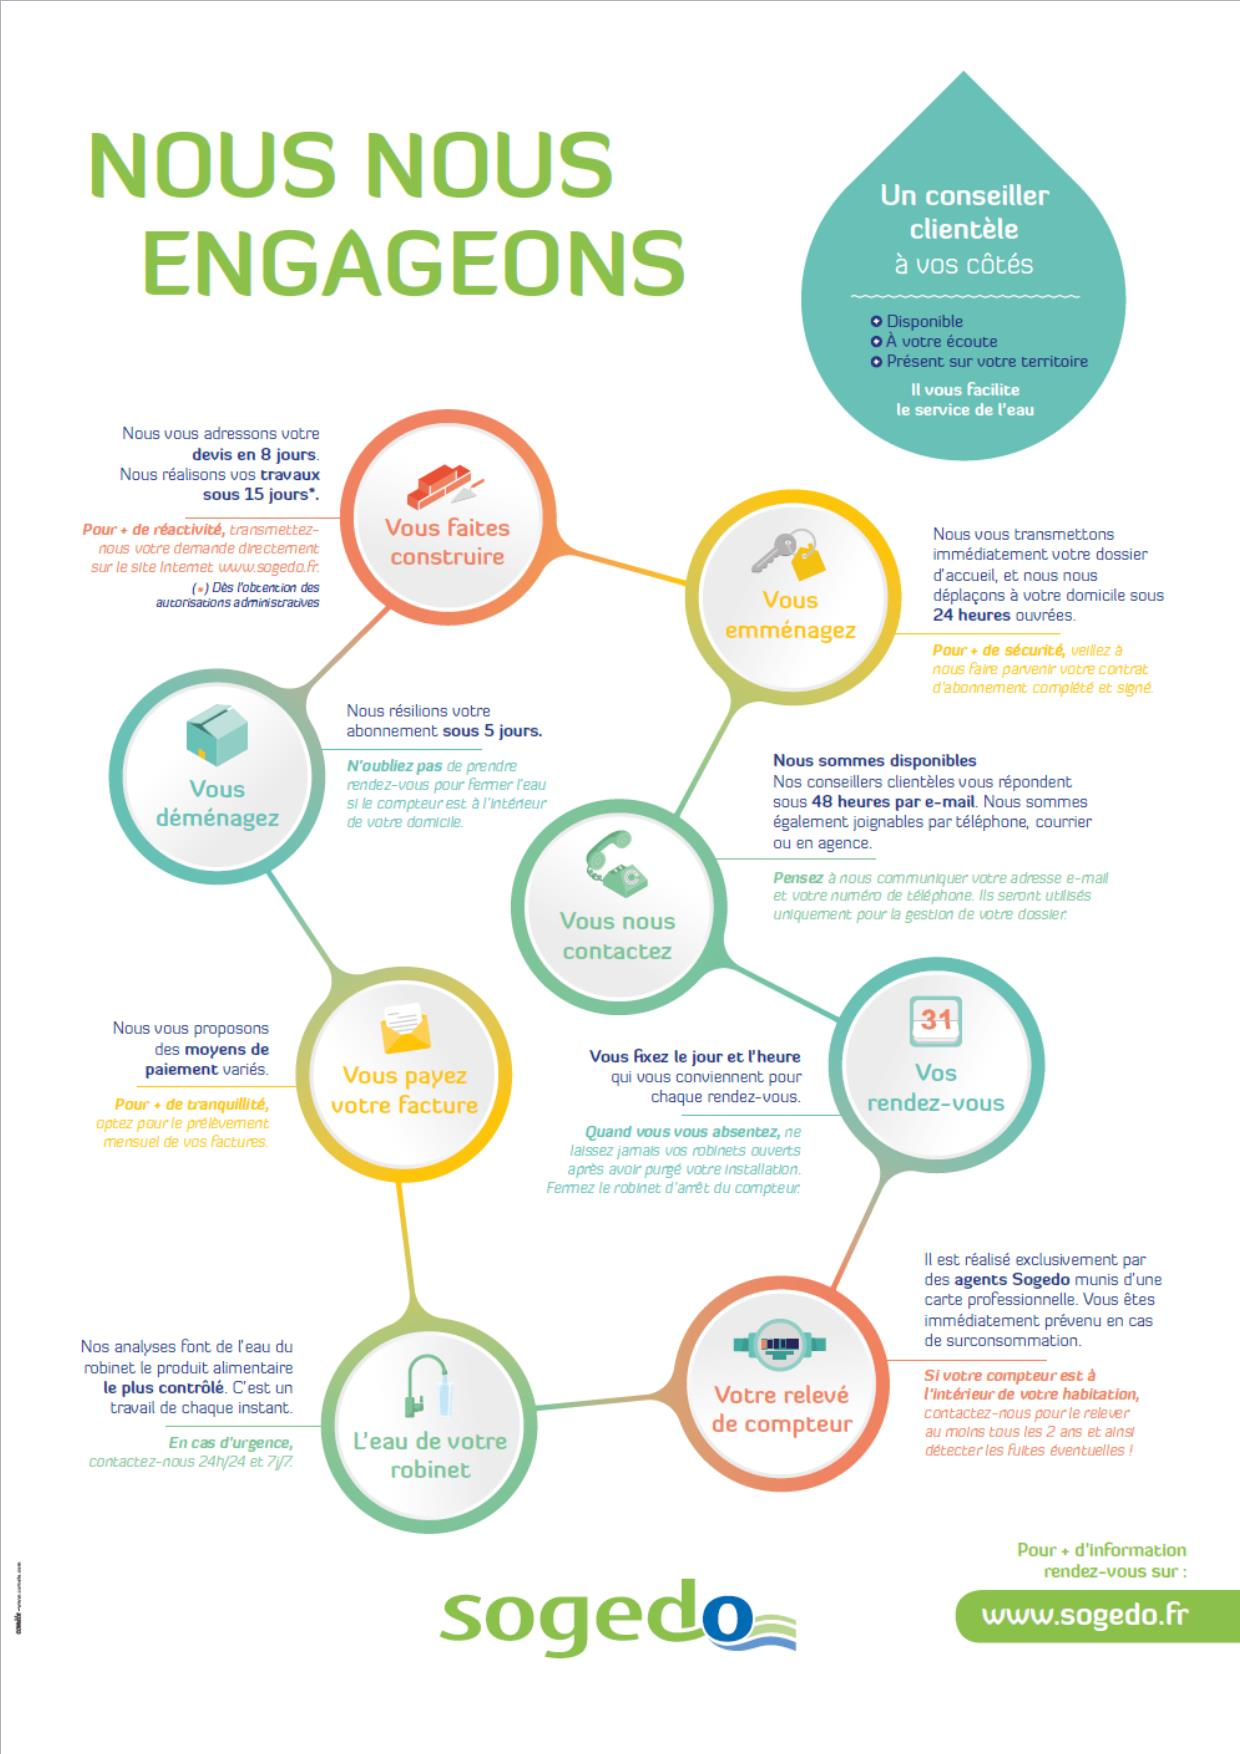 Sogedo : nos engagements au service des clients